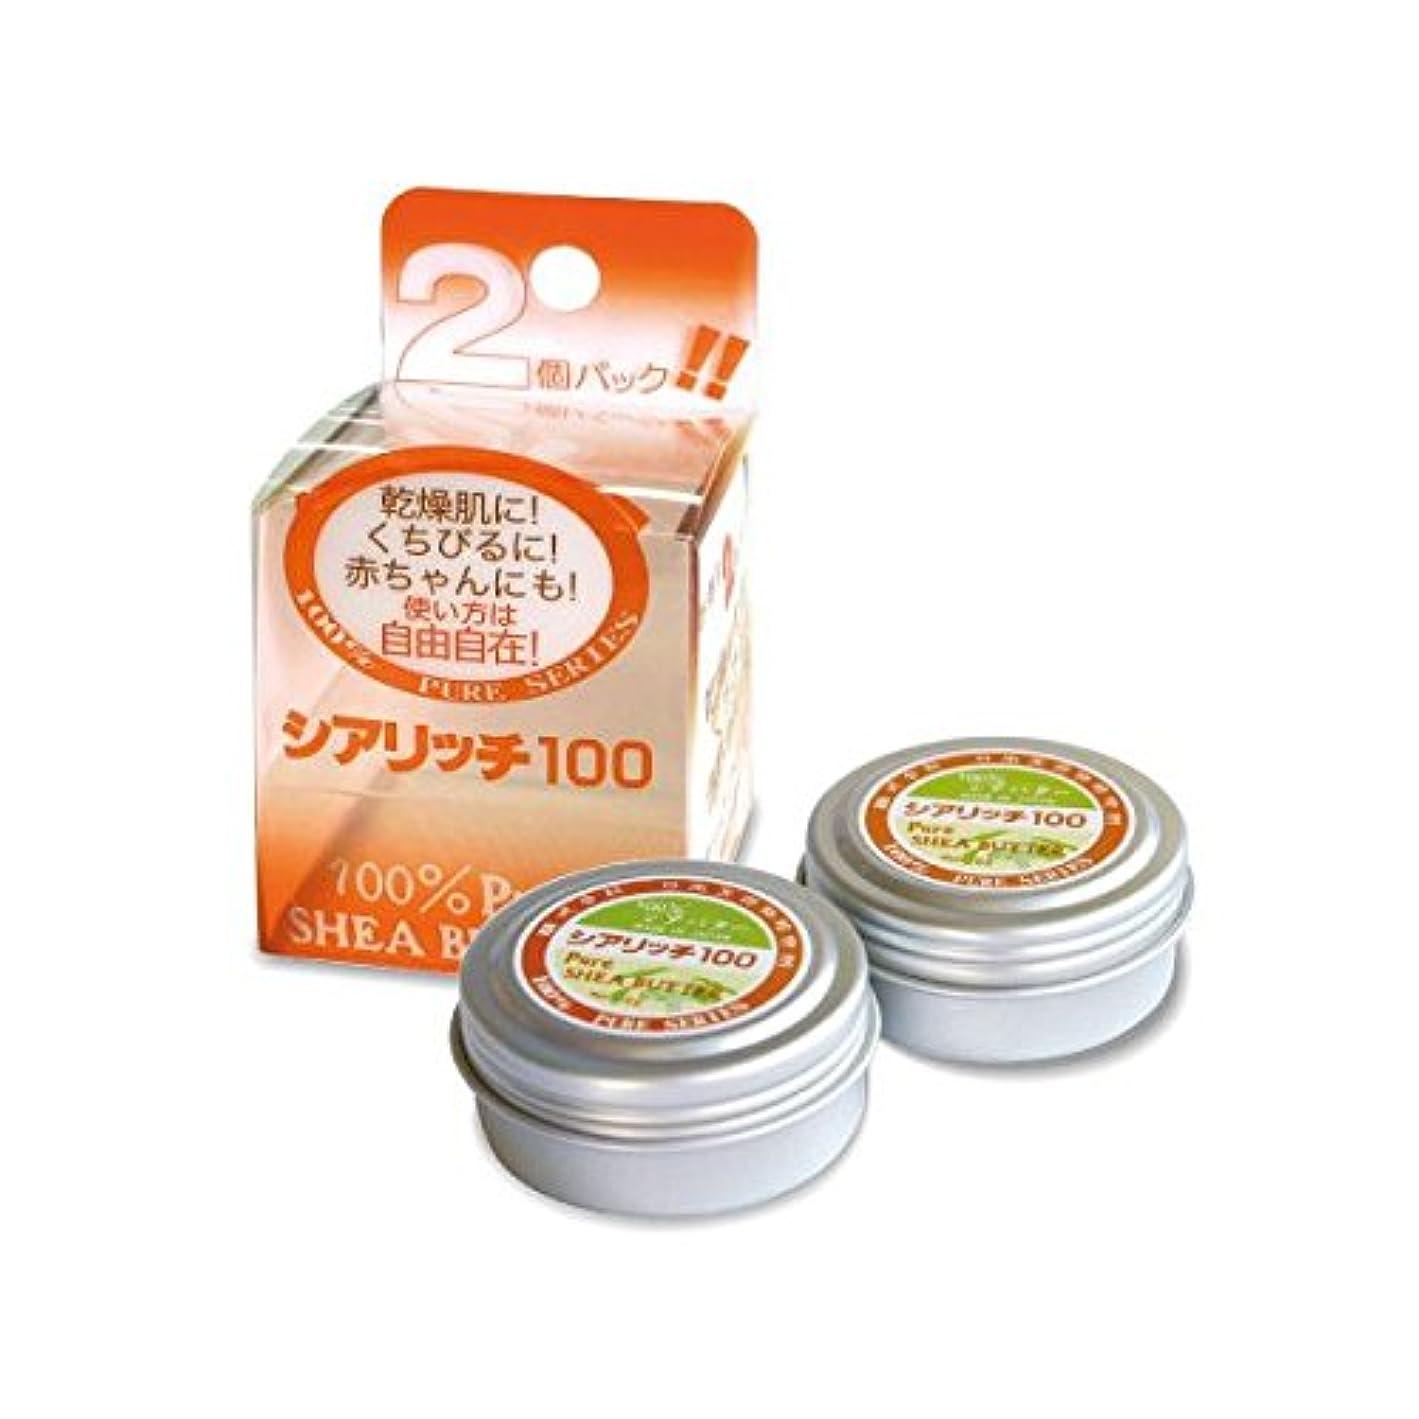 素晴らしきアトム可能性日本天然物研究所 シアリッチ100 (8g×2個入り)【単品】(無添加100%シアバター)無香料